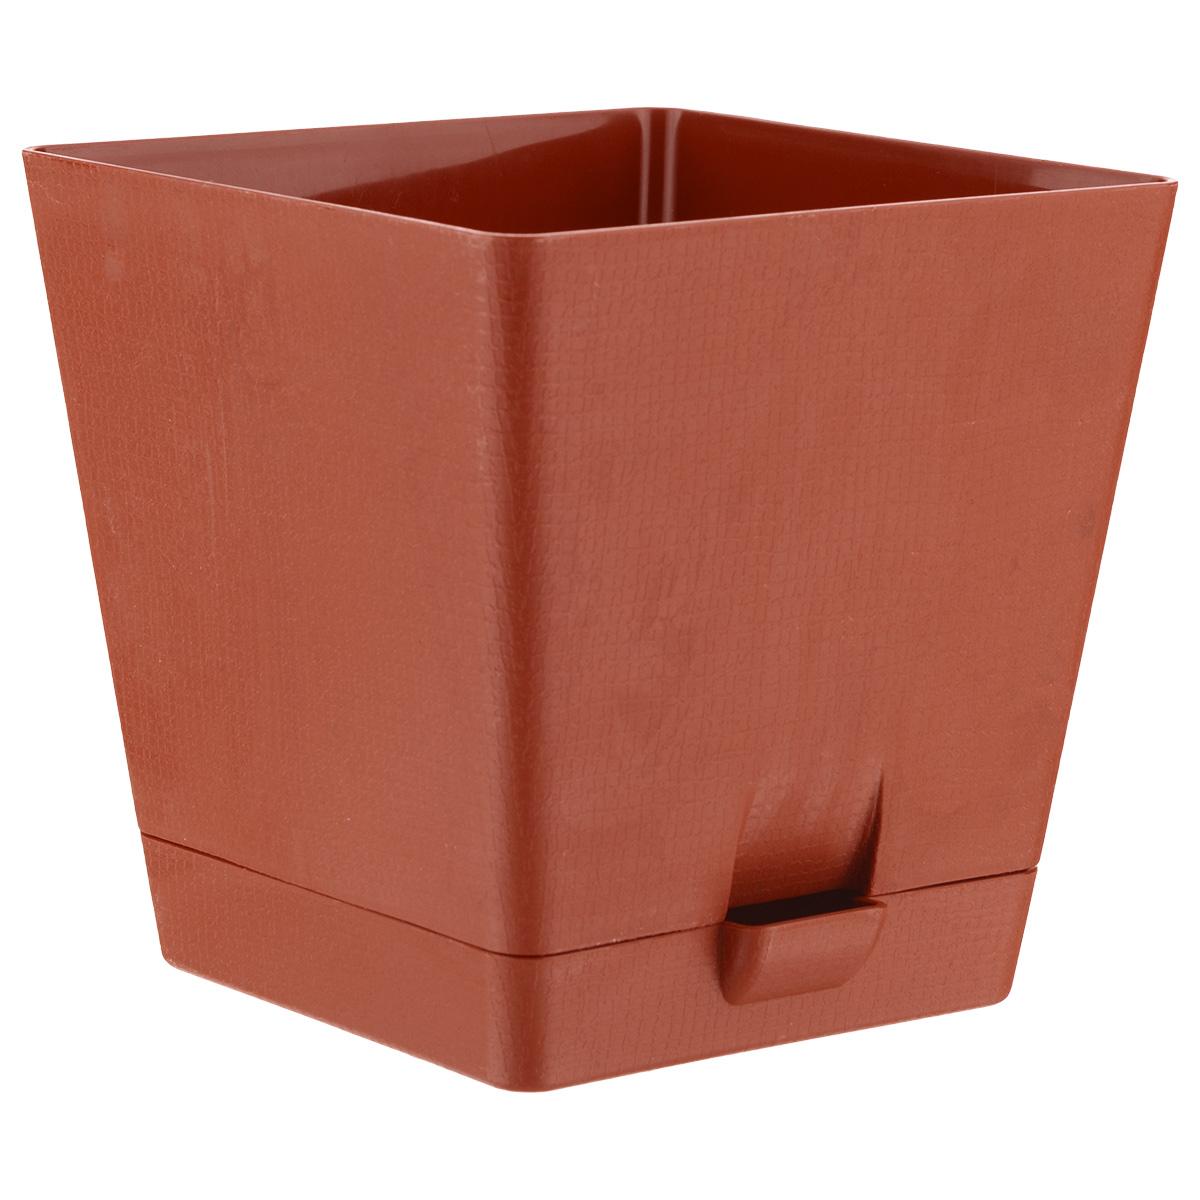 Горшок для цветов Le Parterre, с поддоном, цвет: терракотовый, 3 л212-2Горшок для цветов Le Parterre с системой прикорневого полива выполнен из полипропилена (пластика) и предназначен для выращивания в нем цветов, растений и трав. Система прикорневого полива способствует вентиляции и дренажу корневой системы растения. Такой горшок порадует вас современным дизайном и функциональностью, а также оригинально украсит интерьер помещения.